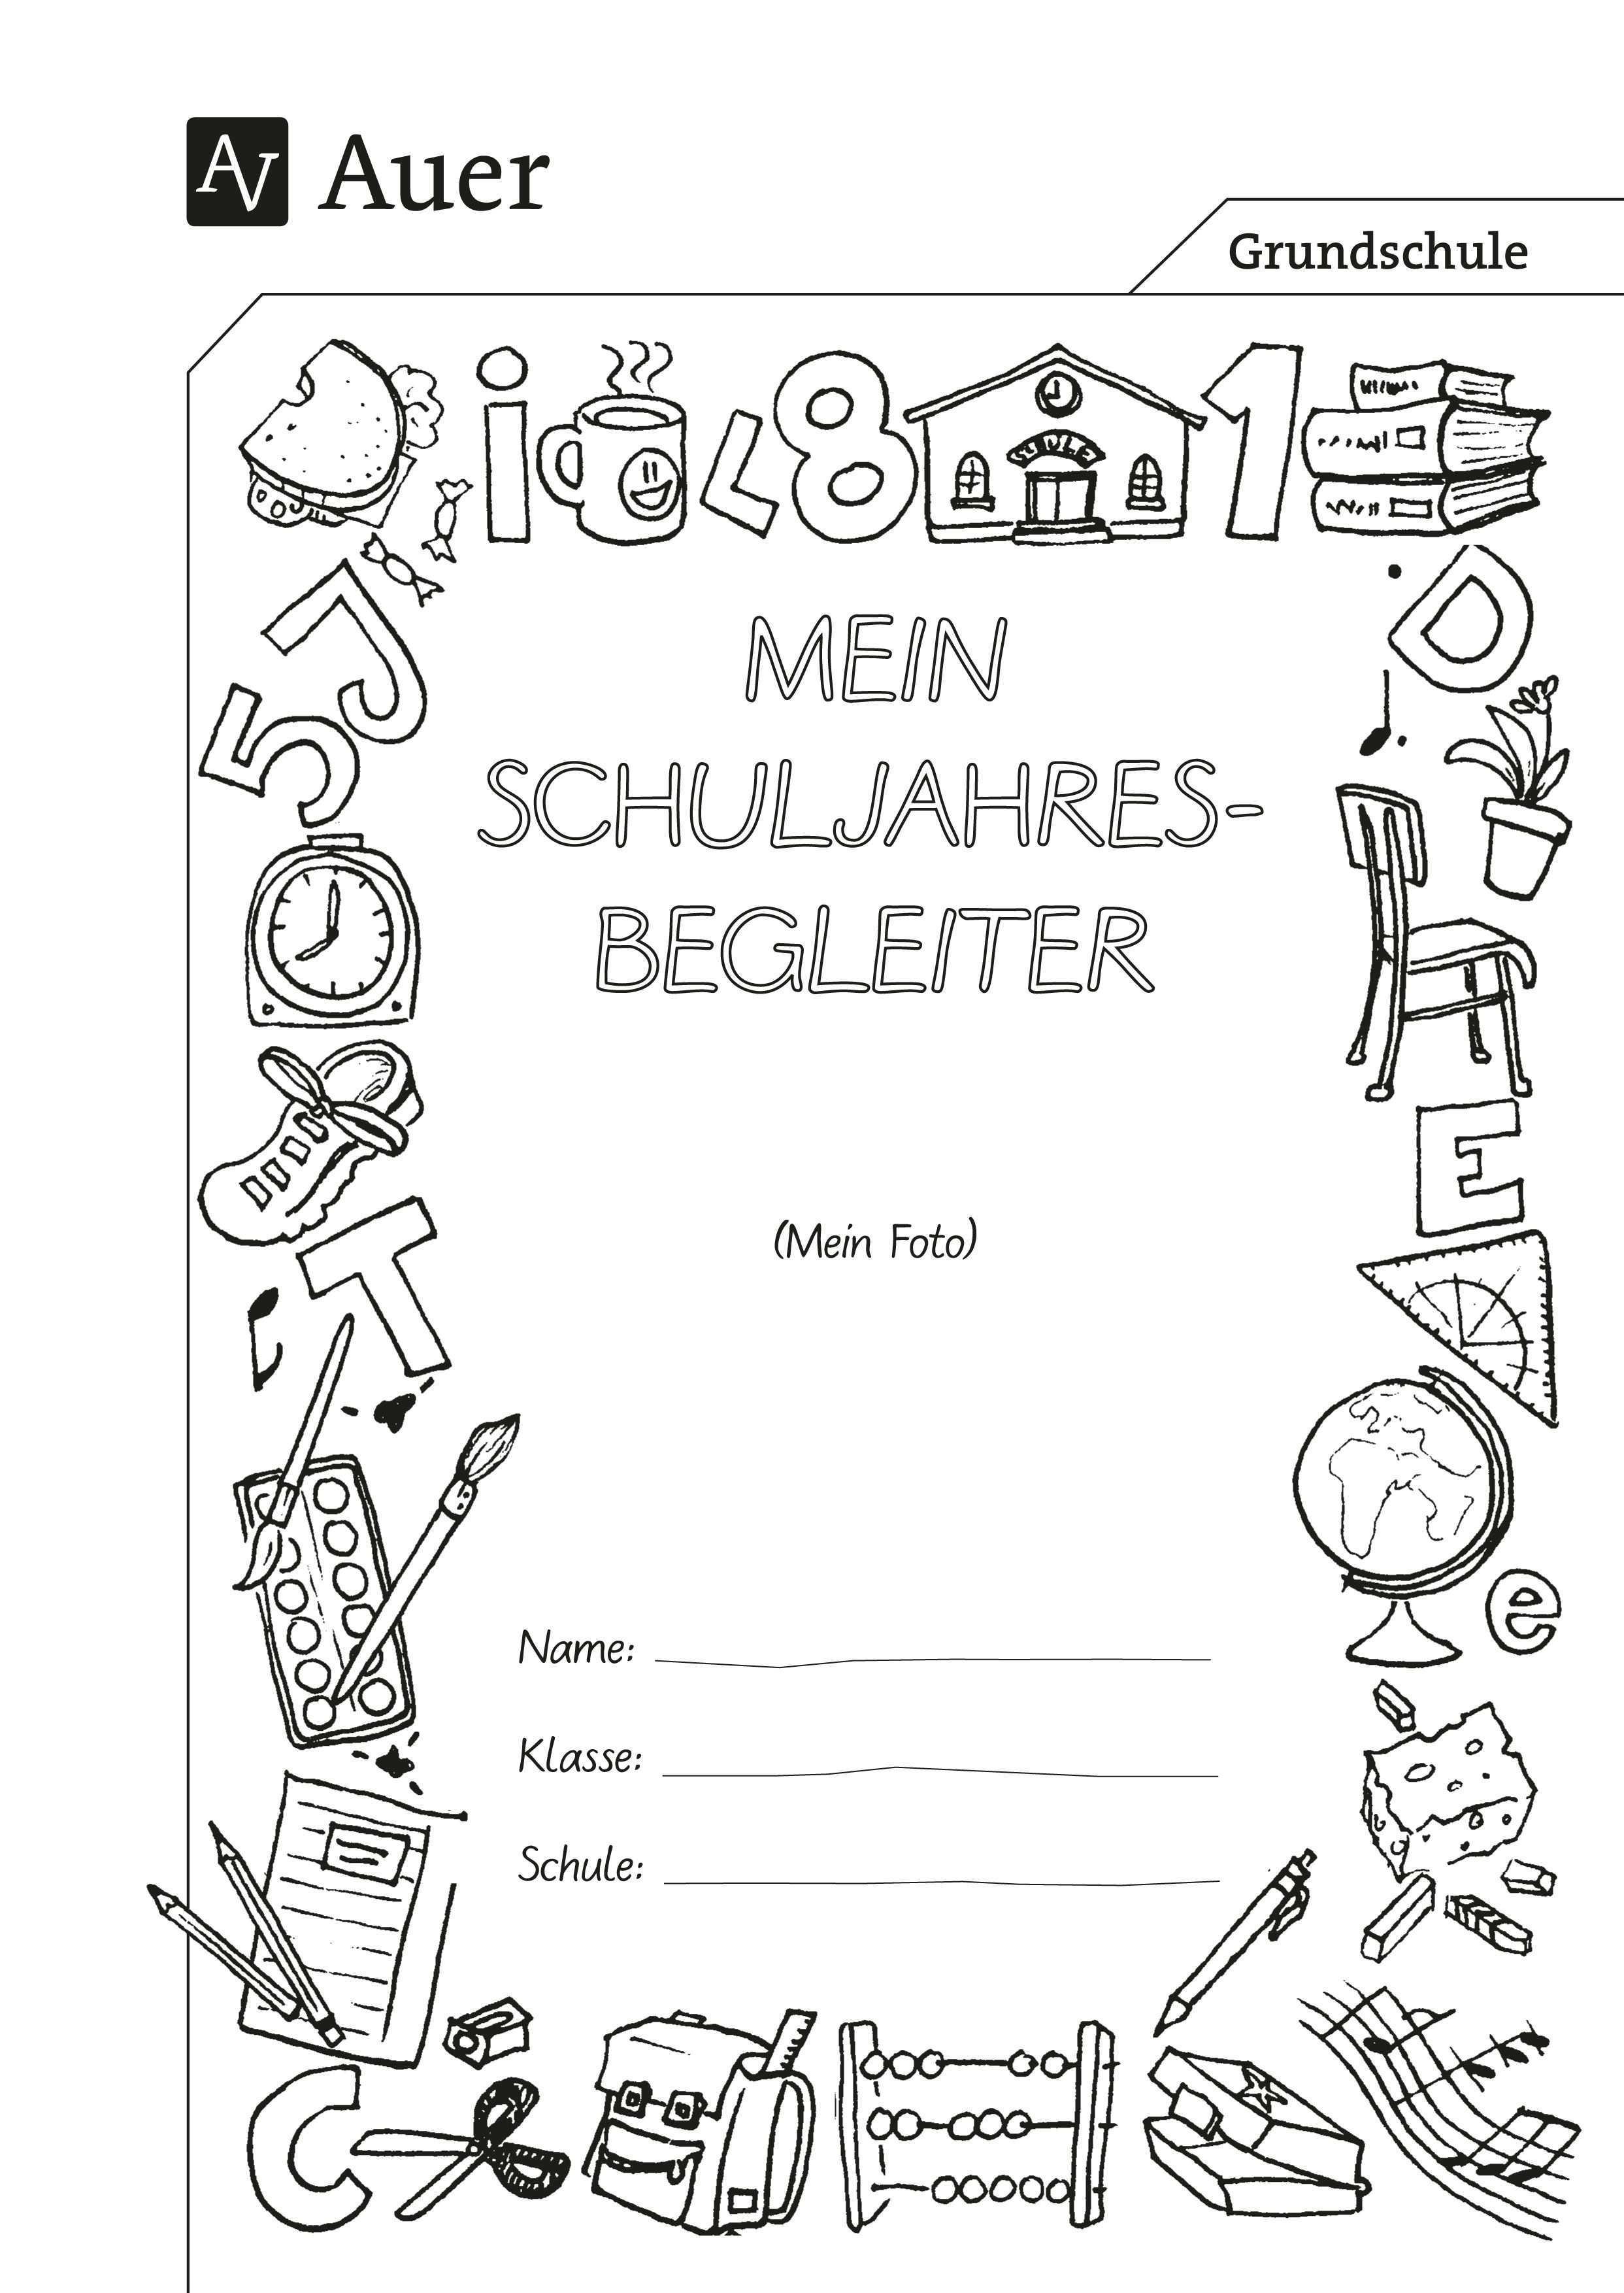 Pin Von Rebekka Auf Unterricht Organisieren Schule Schulerhefte Grundschule